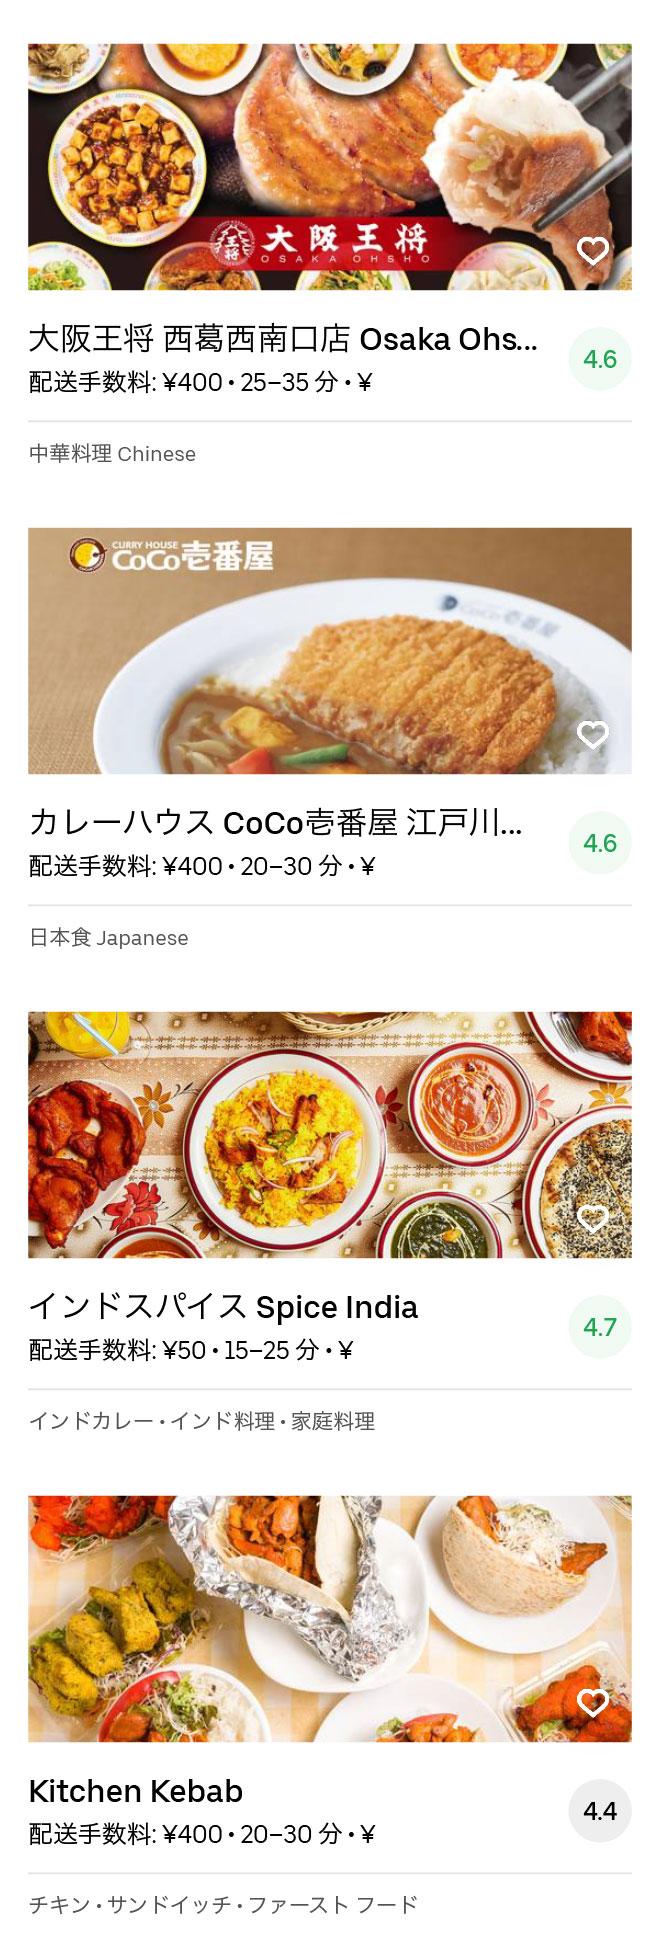 Urayasu menu 200408